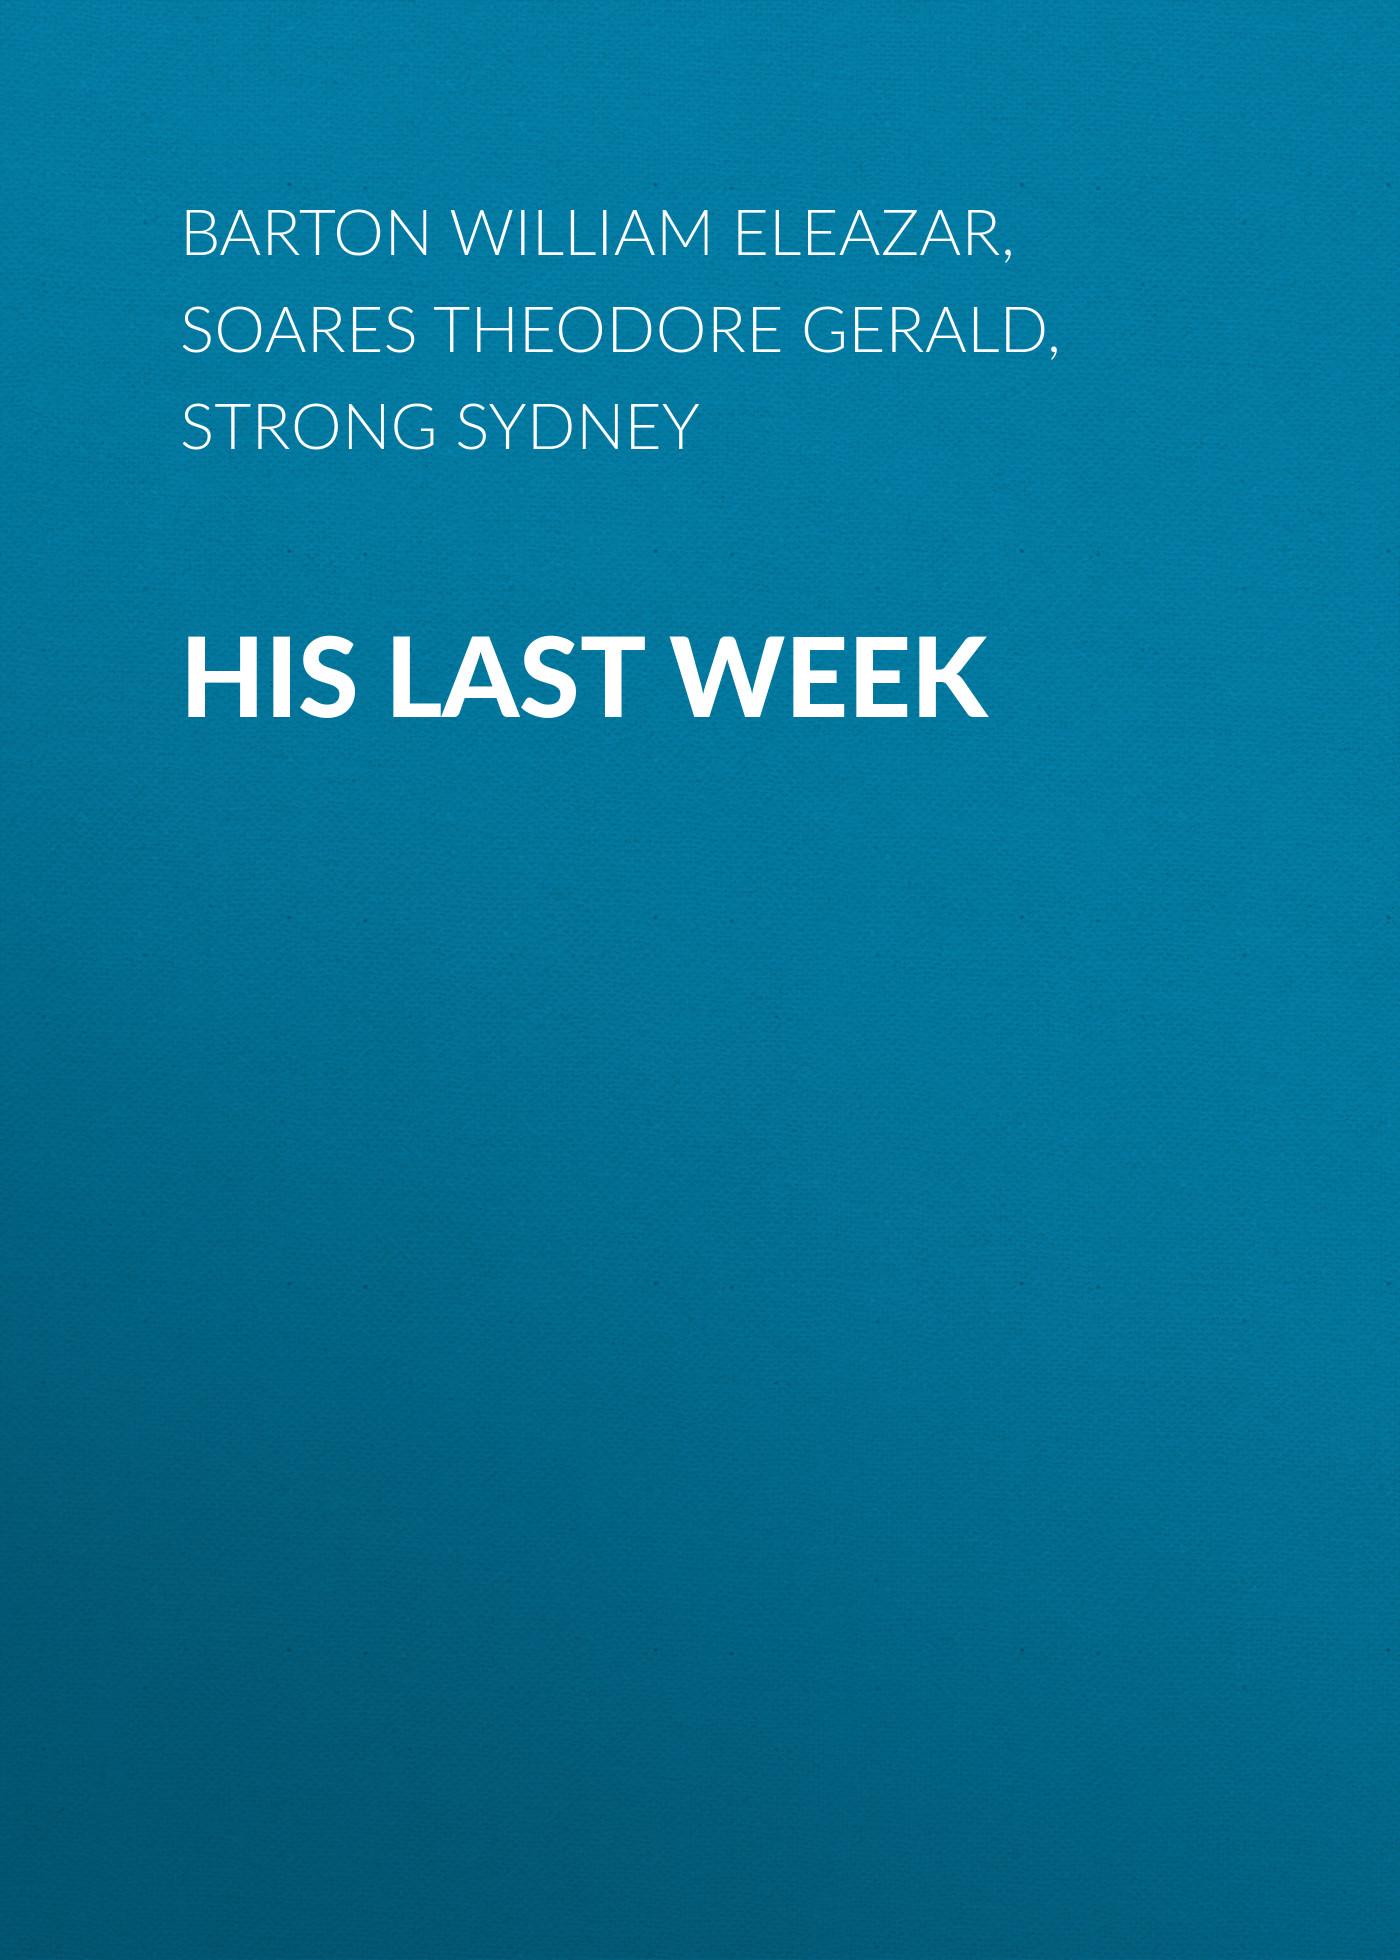 his last week